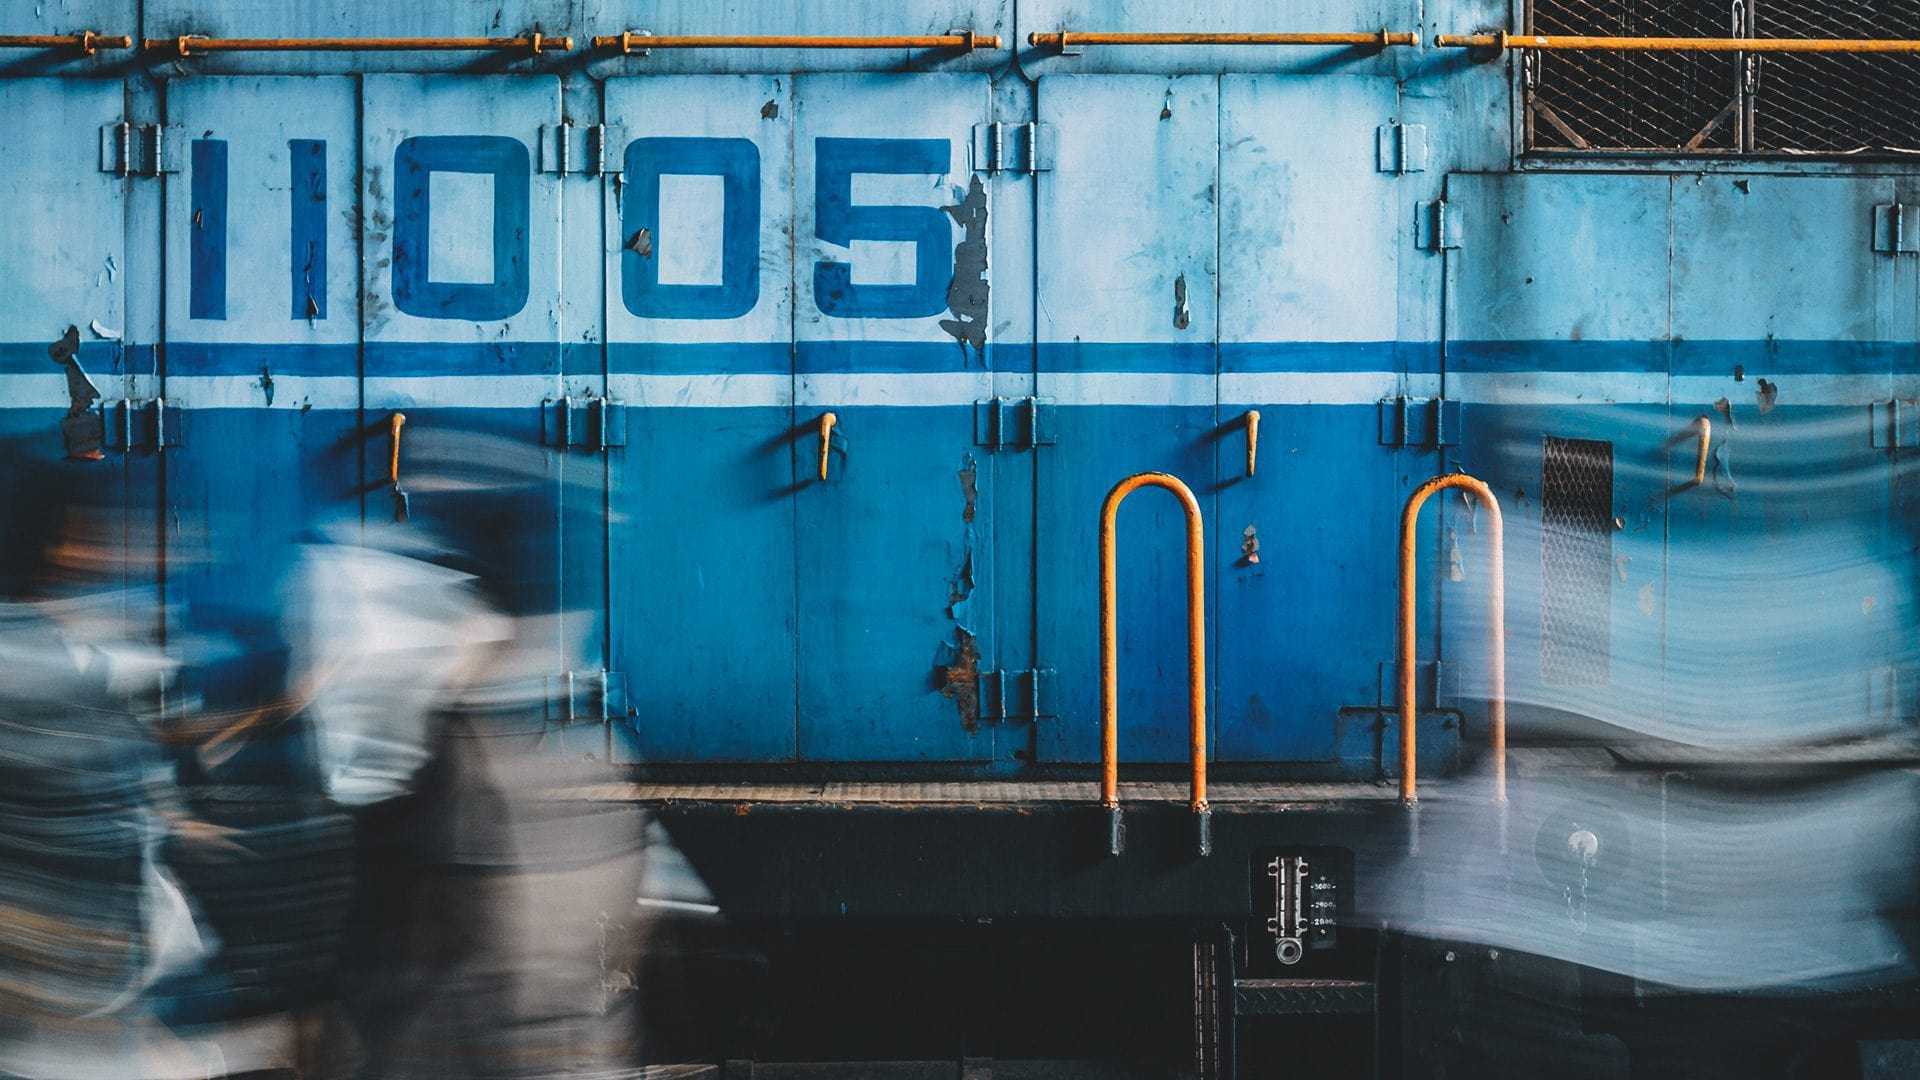 Cómo comprar billetes de tren online en India | Rojo Cangrejo Blog de Viajes